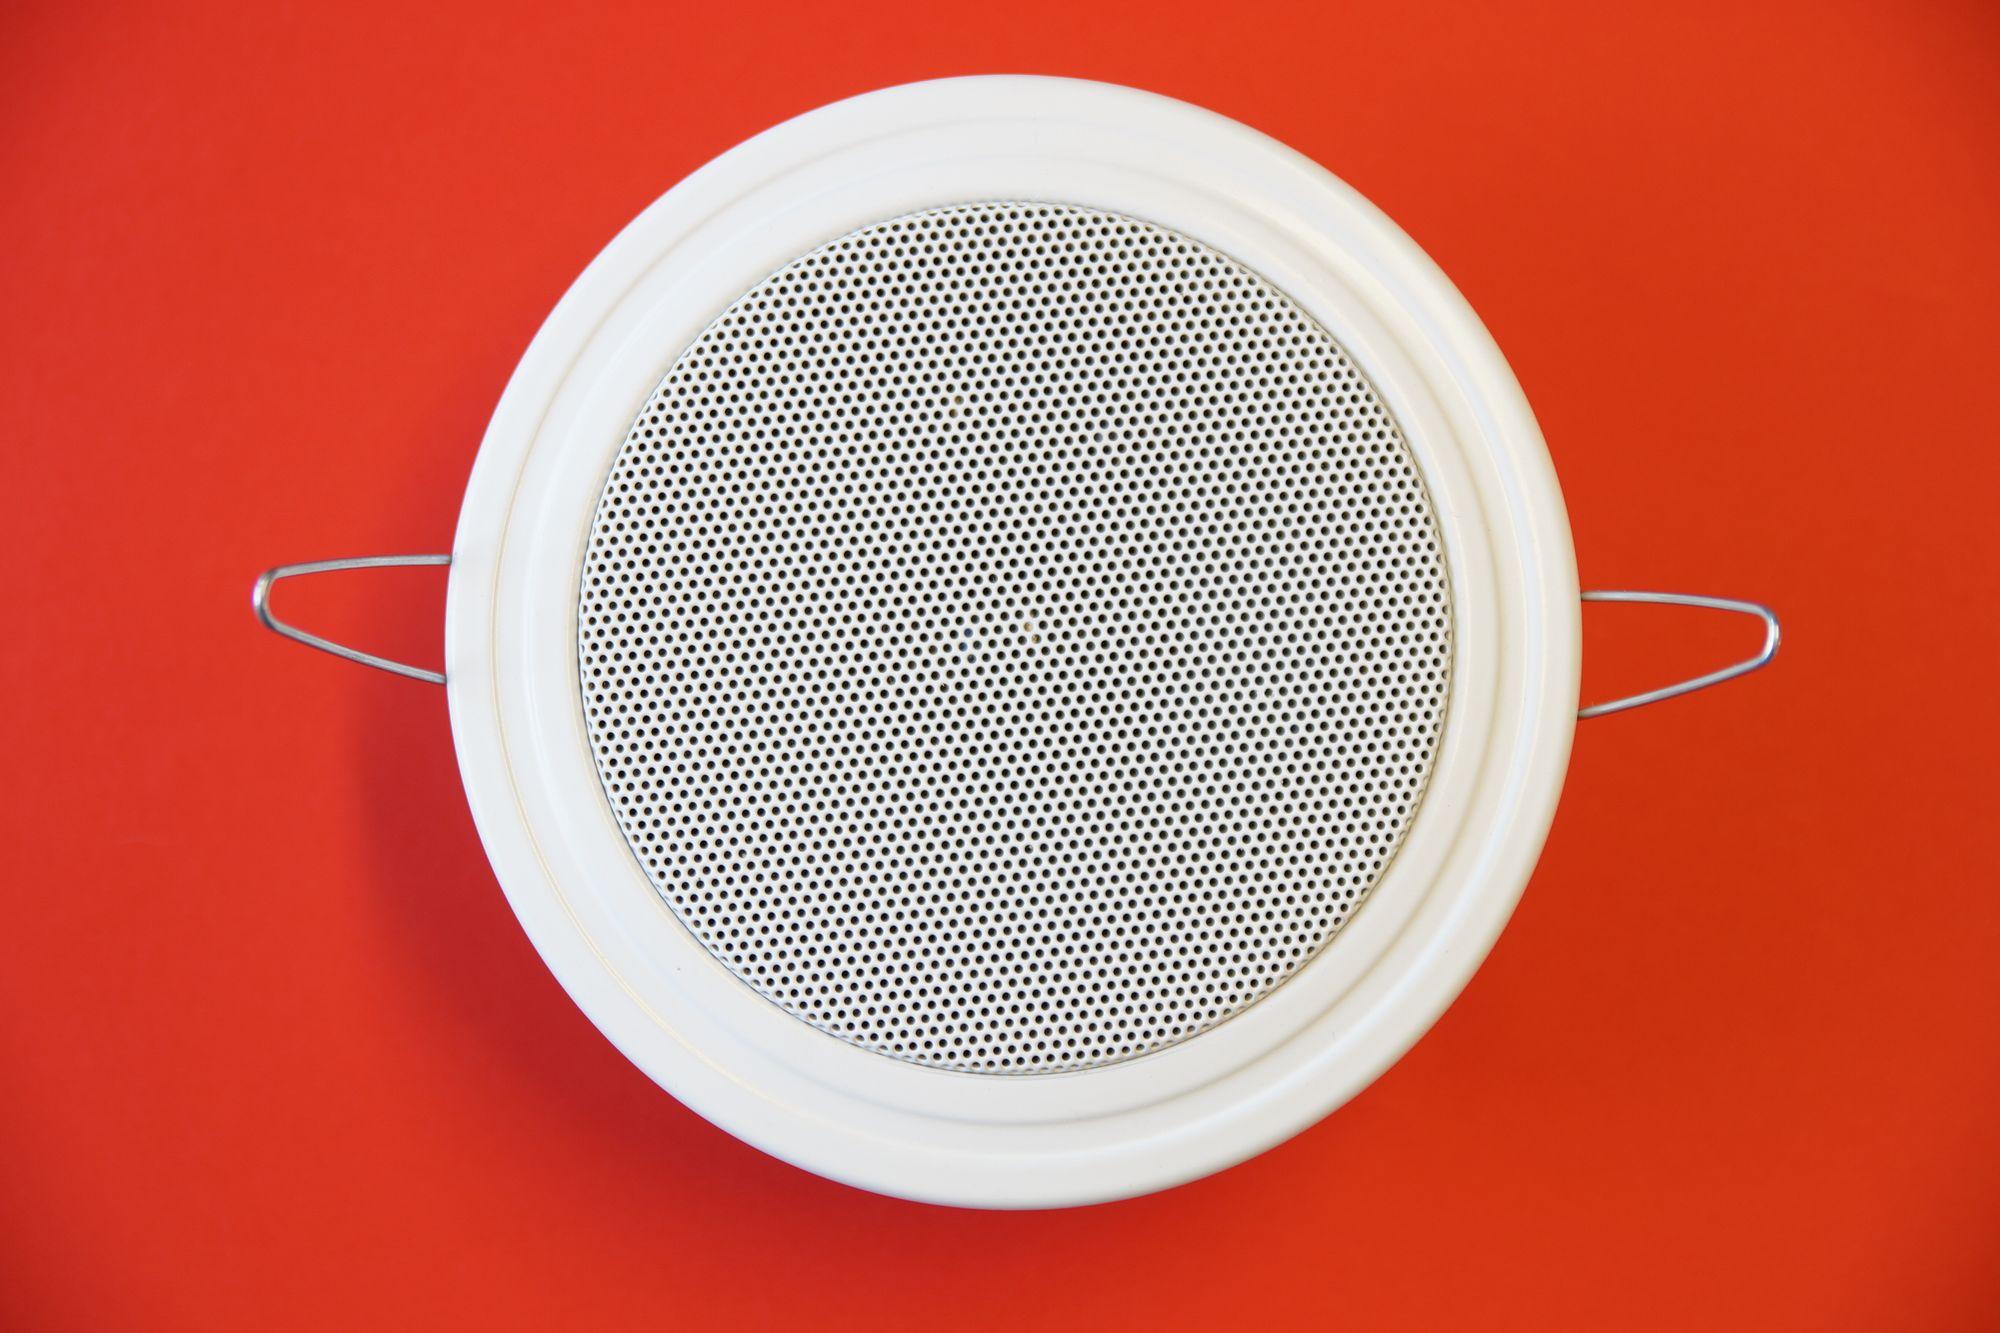 PG Audio DL 10 Decken-Einbaulautsprecher 30 Watt max.weiß Neu-Ware 1 Stück 001